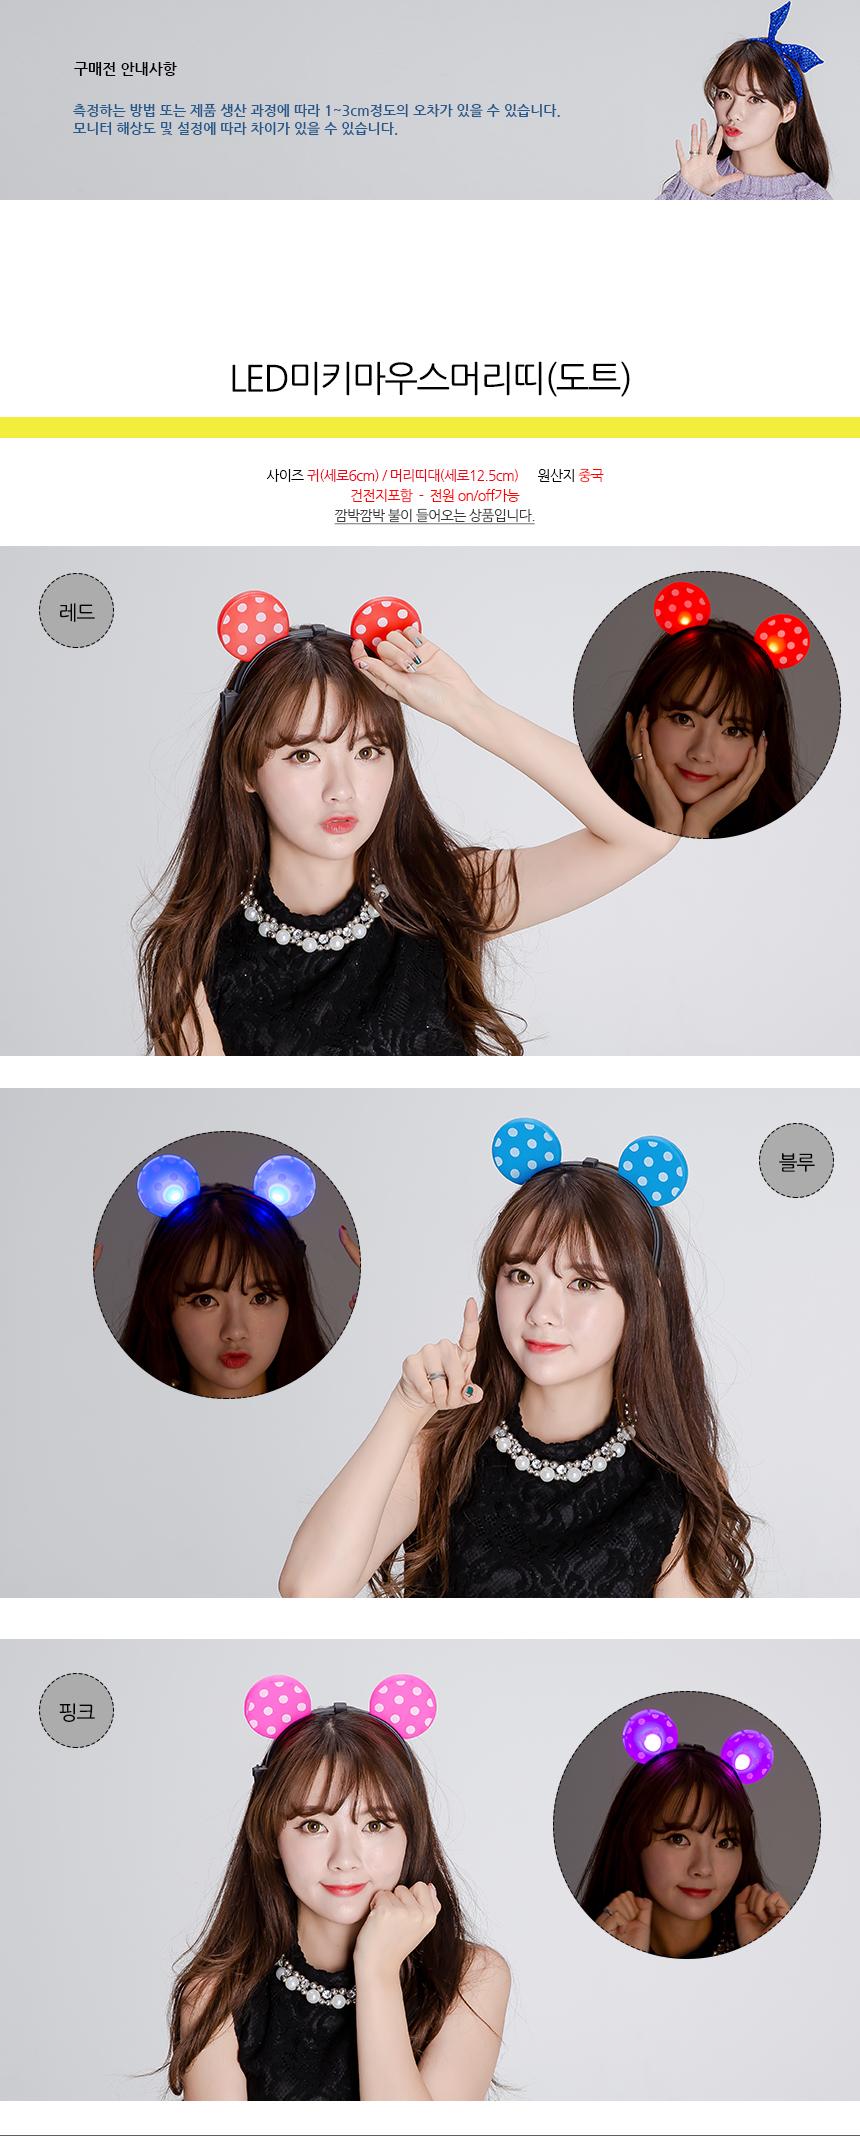 LED미키마우스머리띠 3종 - 파티스토리, 1,500원, 파티의상/잡화, 머리띠/머리장식/가발